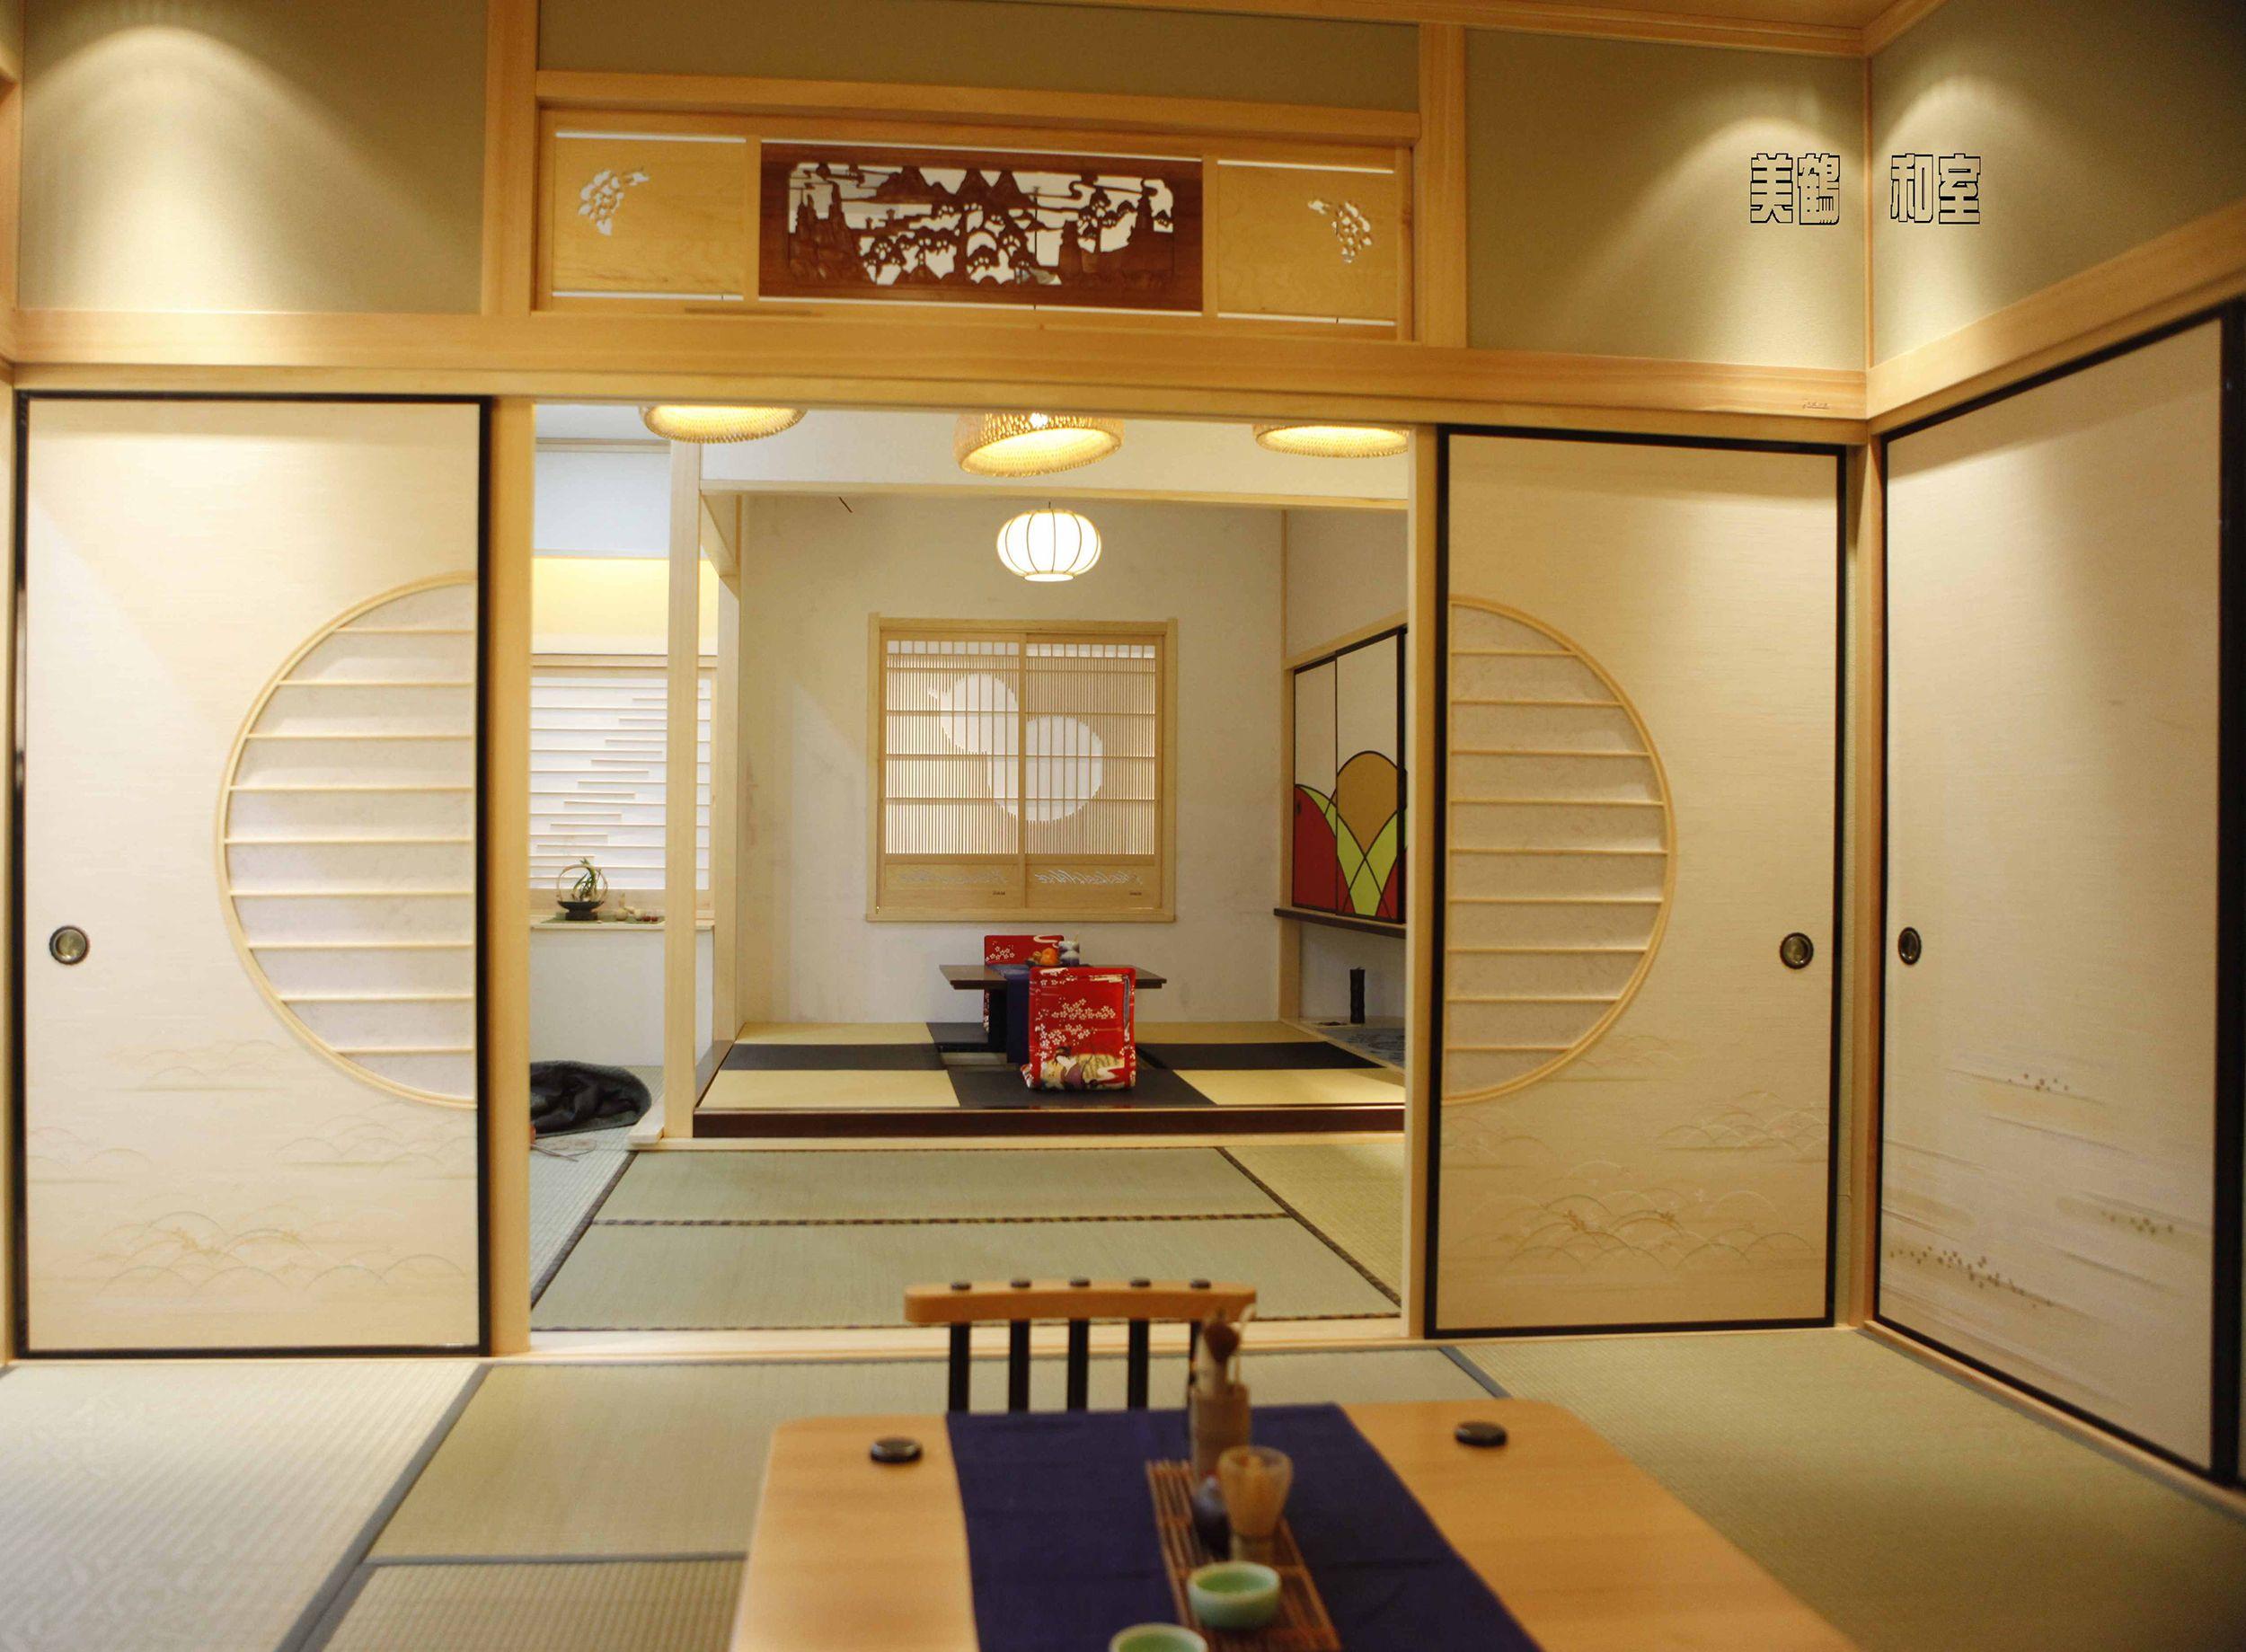 Tatami Matten wohnen wie in tatami matten als bodenbelag tatami